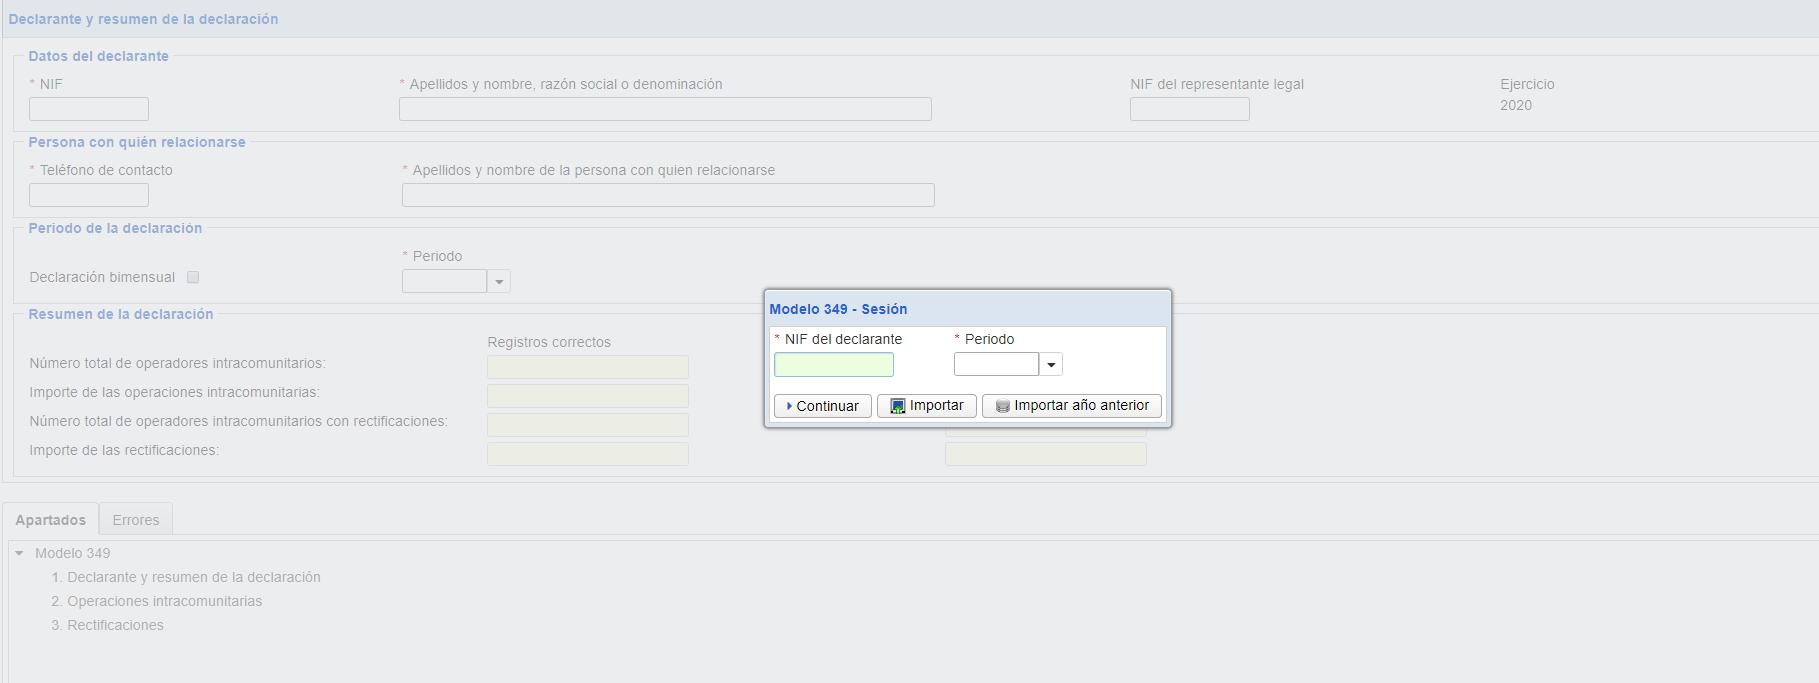 Modelo 349: importar datos desde fichero